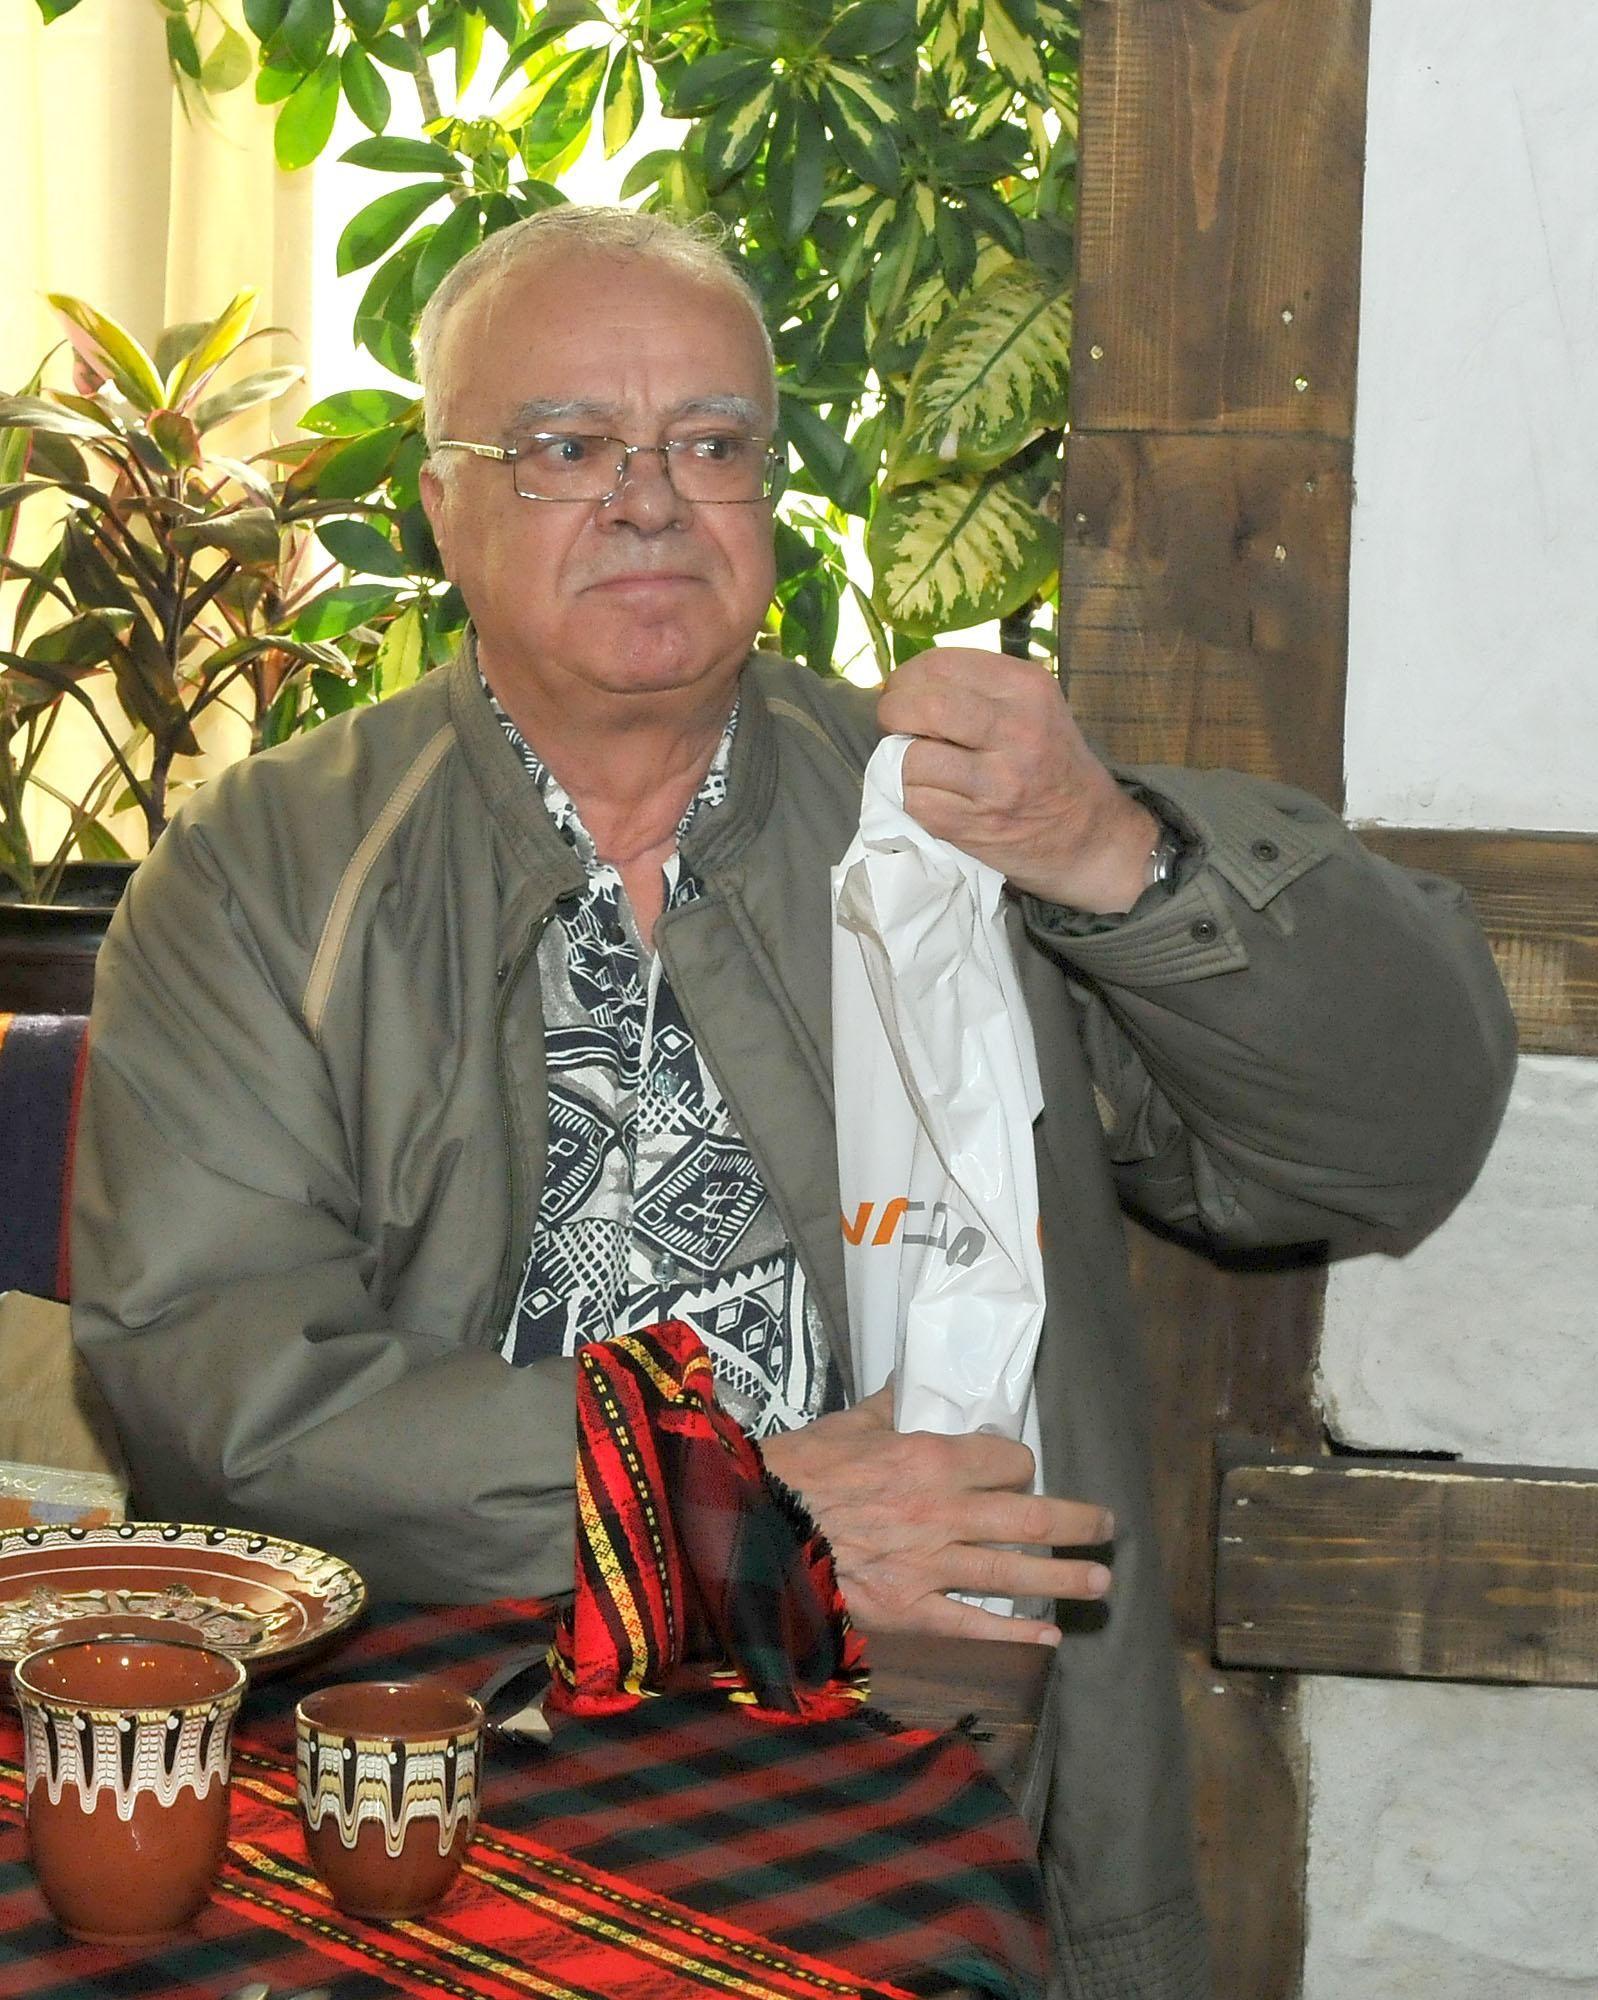 """21 октомври 2010 г. - Проф. Вучков е специален гост на композитора Развигор Попов за представянето на биографичната книга """"Ау-у, от глад умирам"""" в столично заведение"""